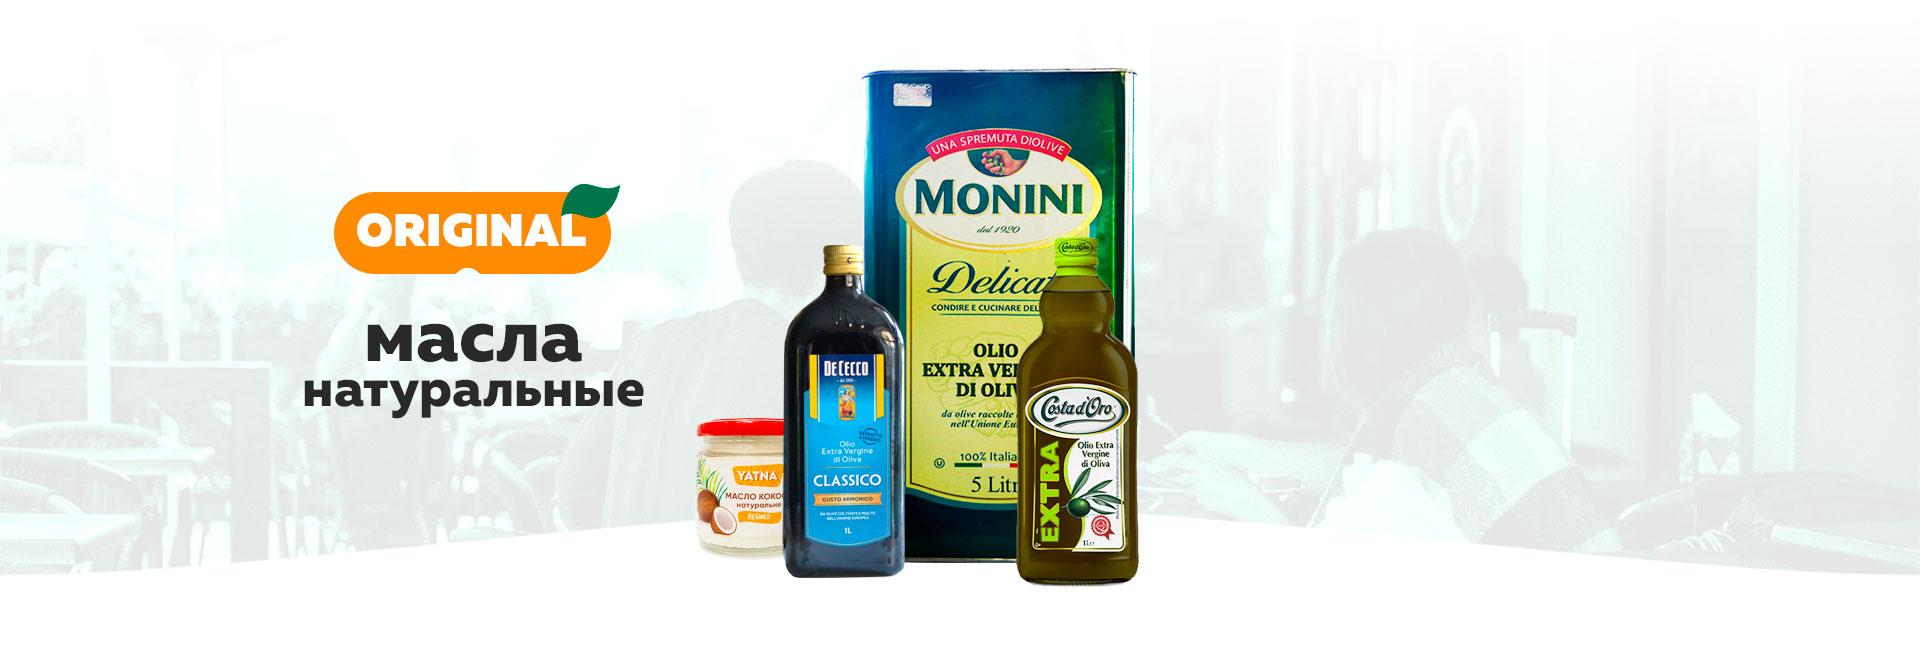 Купить натуральные растительные масла Украина. Магазин эко продуктов Киев Ирпень Буча